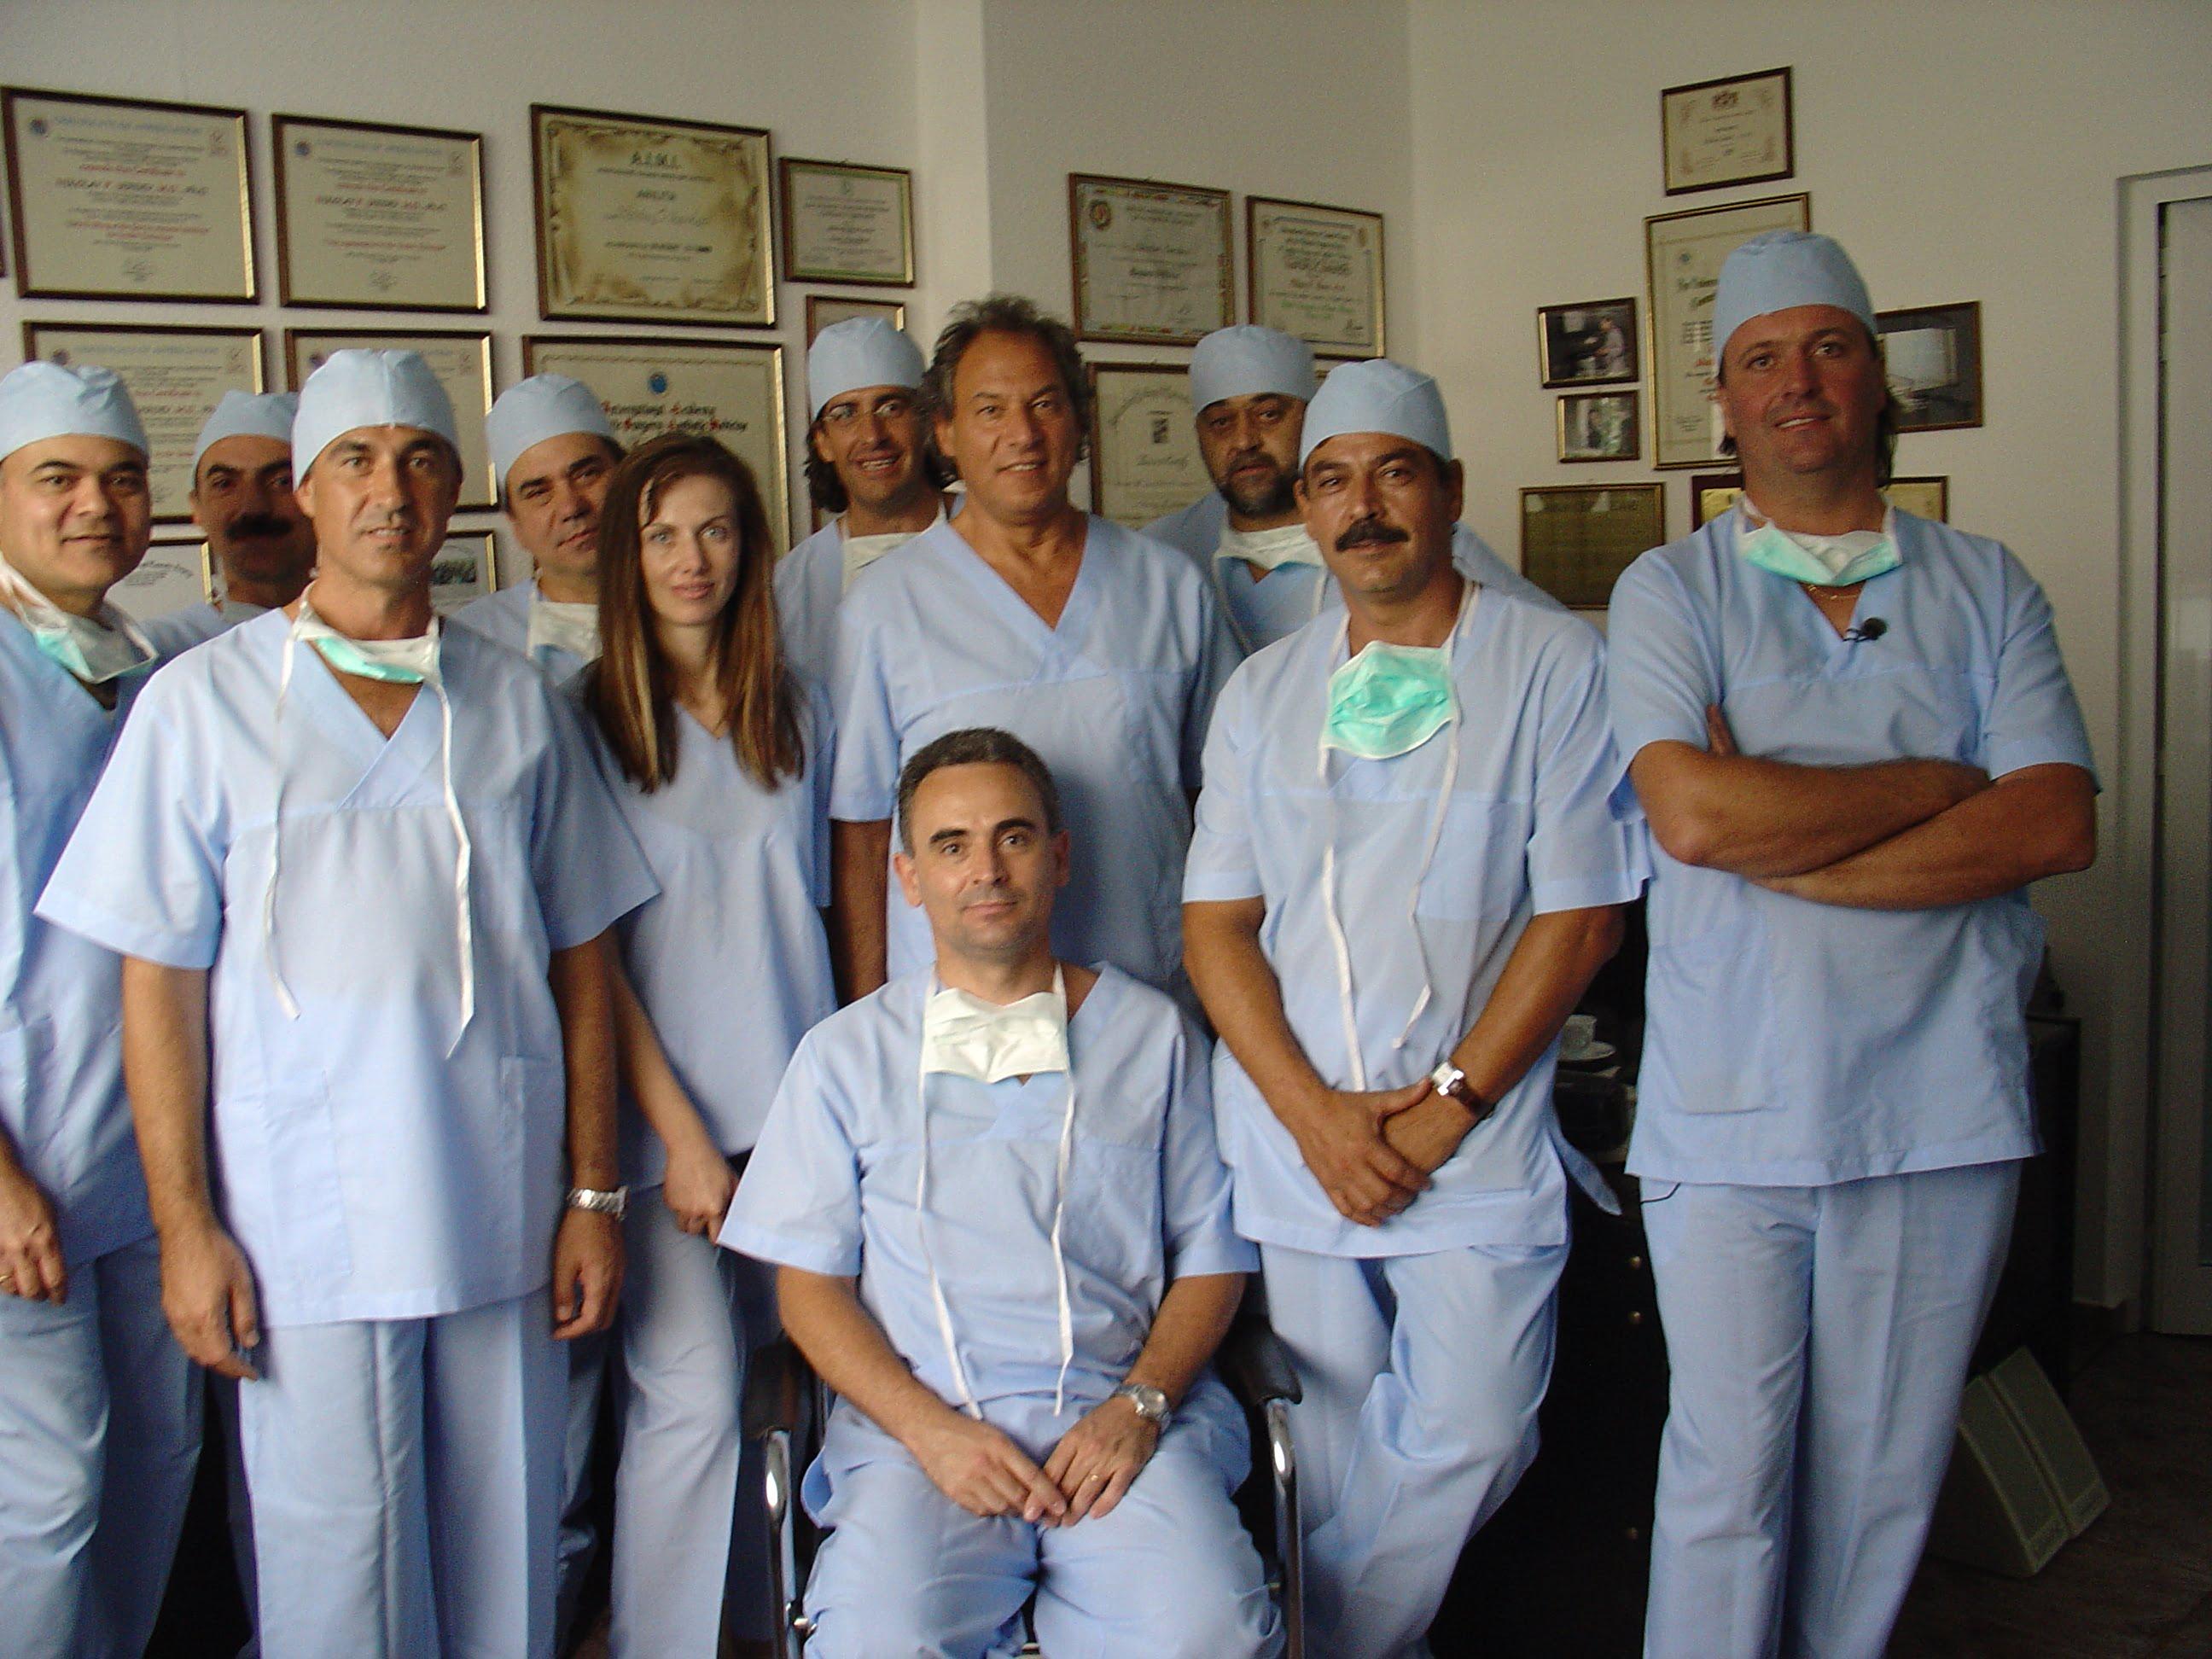 CUME Policínica team di professionisti a Jávea per trattamenti estetici del viso e del corpo e il trattamento delle vene varicose